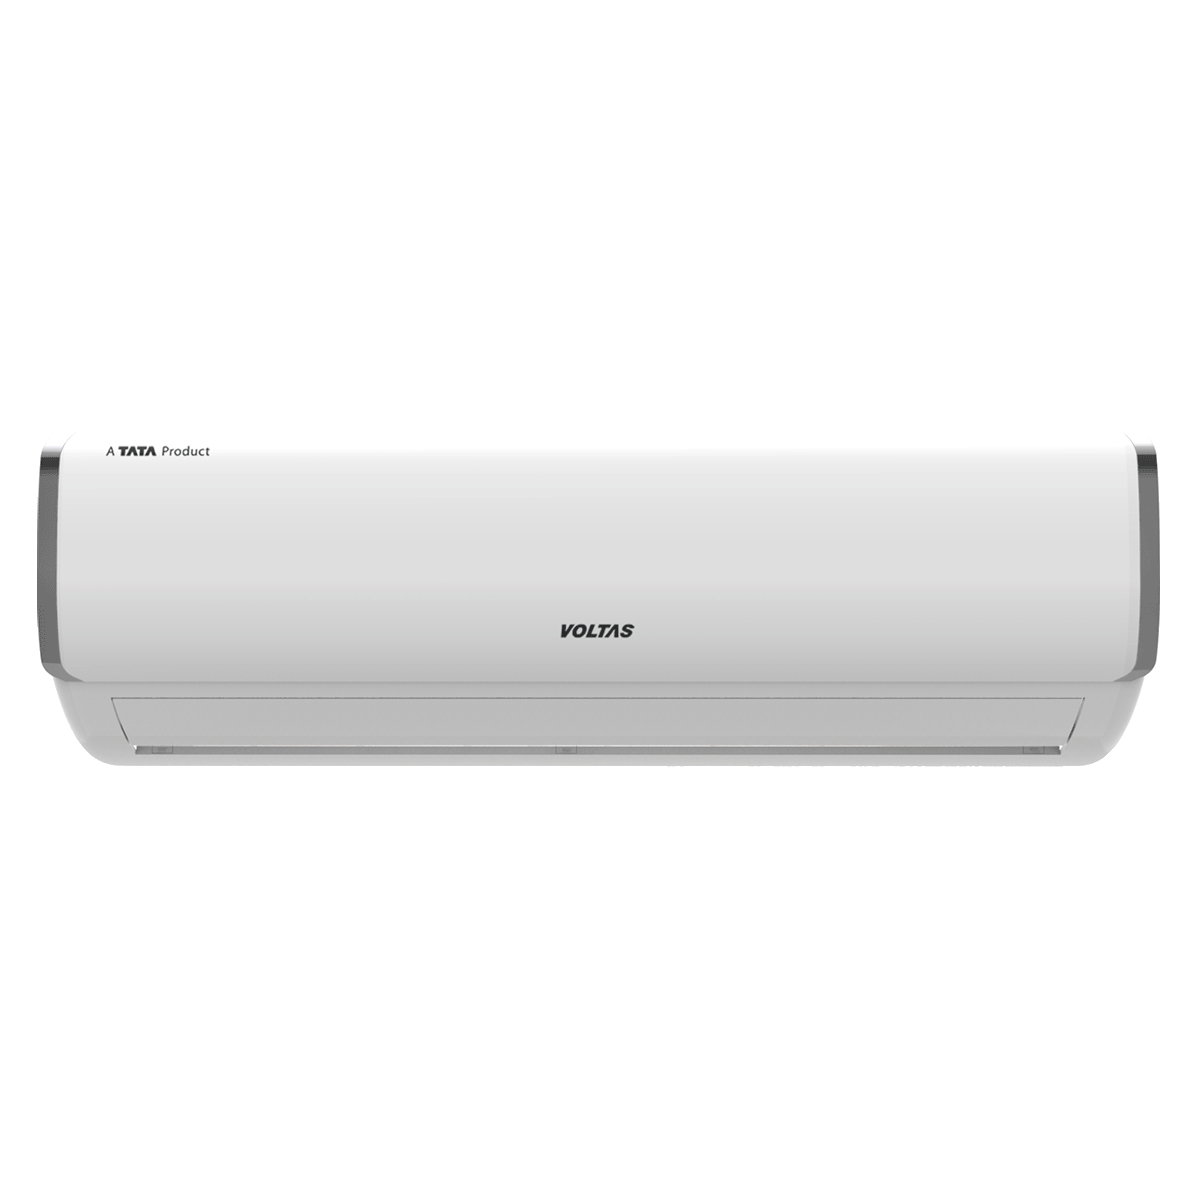 Voltas 1 Ton 5 Star Inverter Split AC (Copper Condenser, 125V MZQ, White)_1